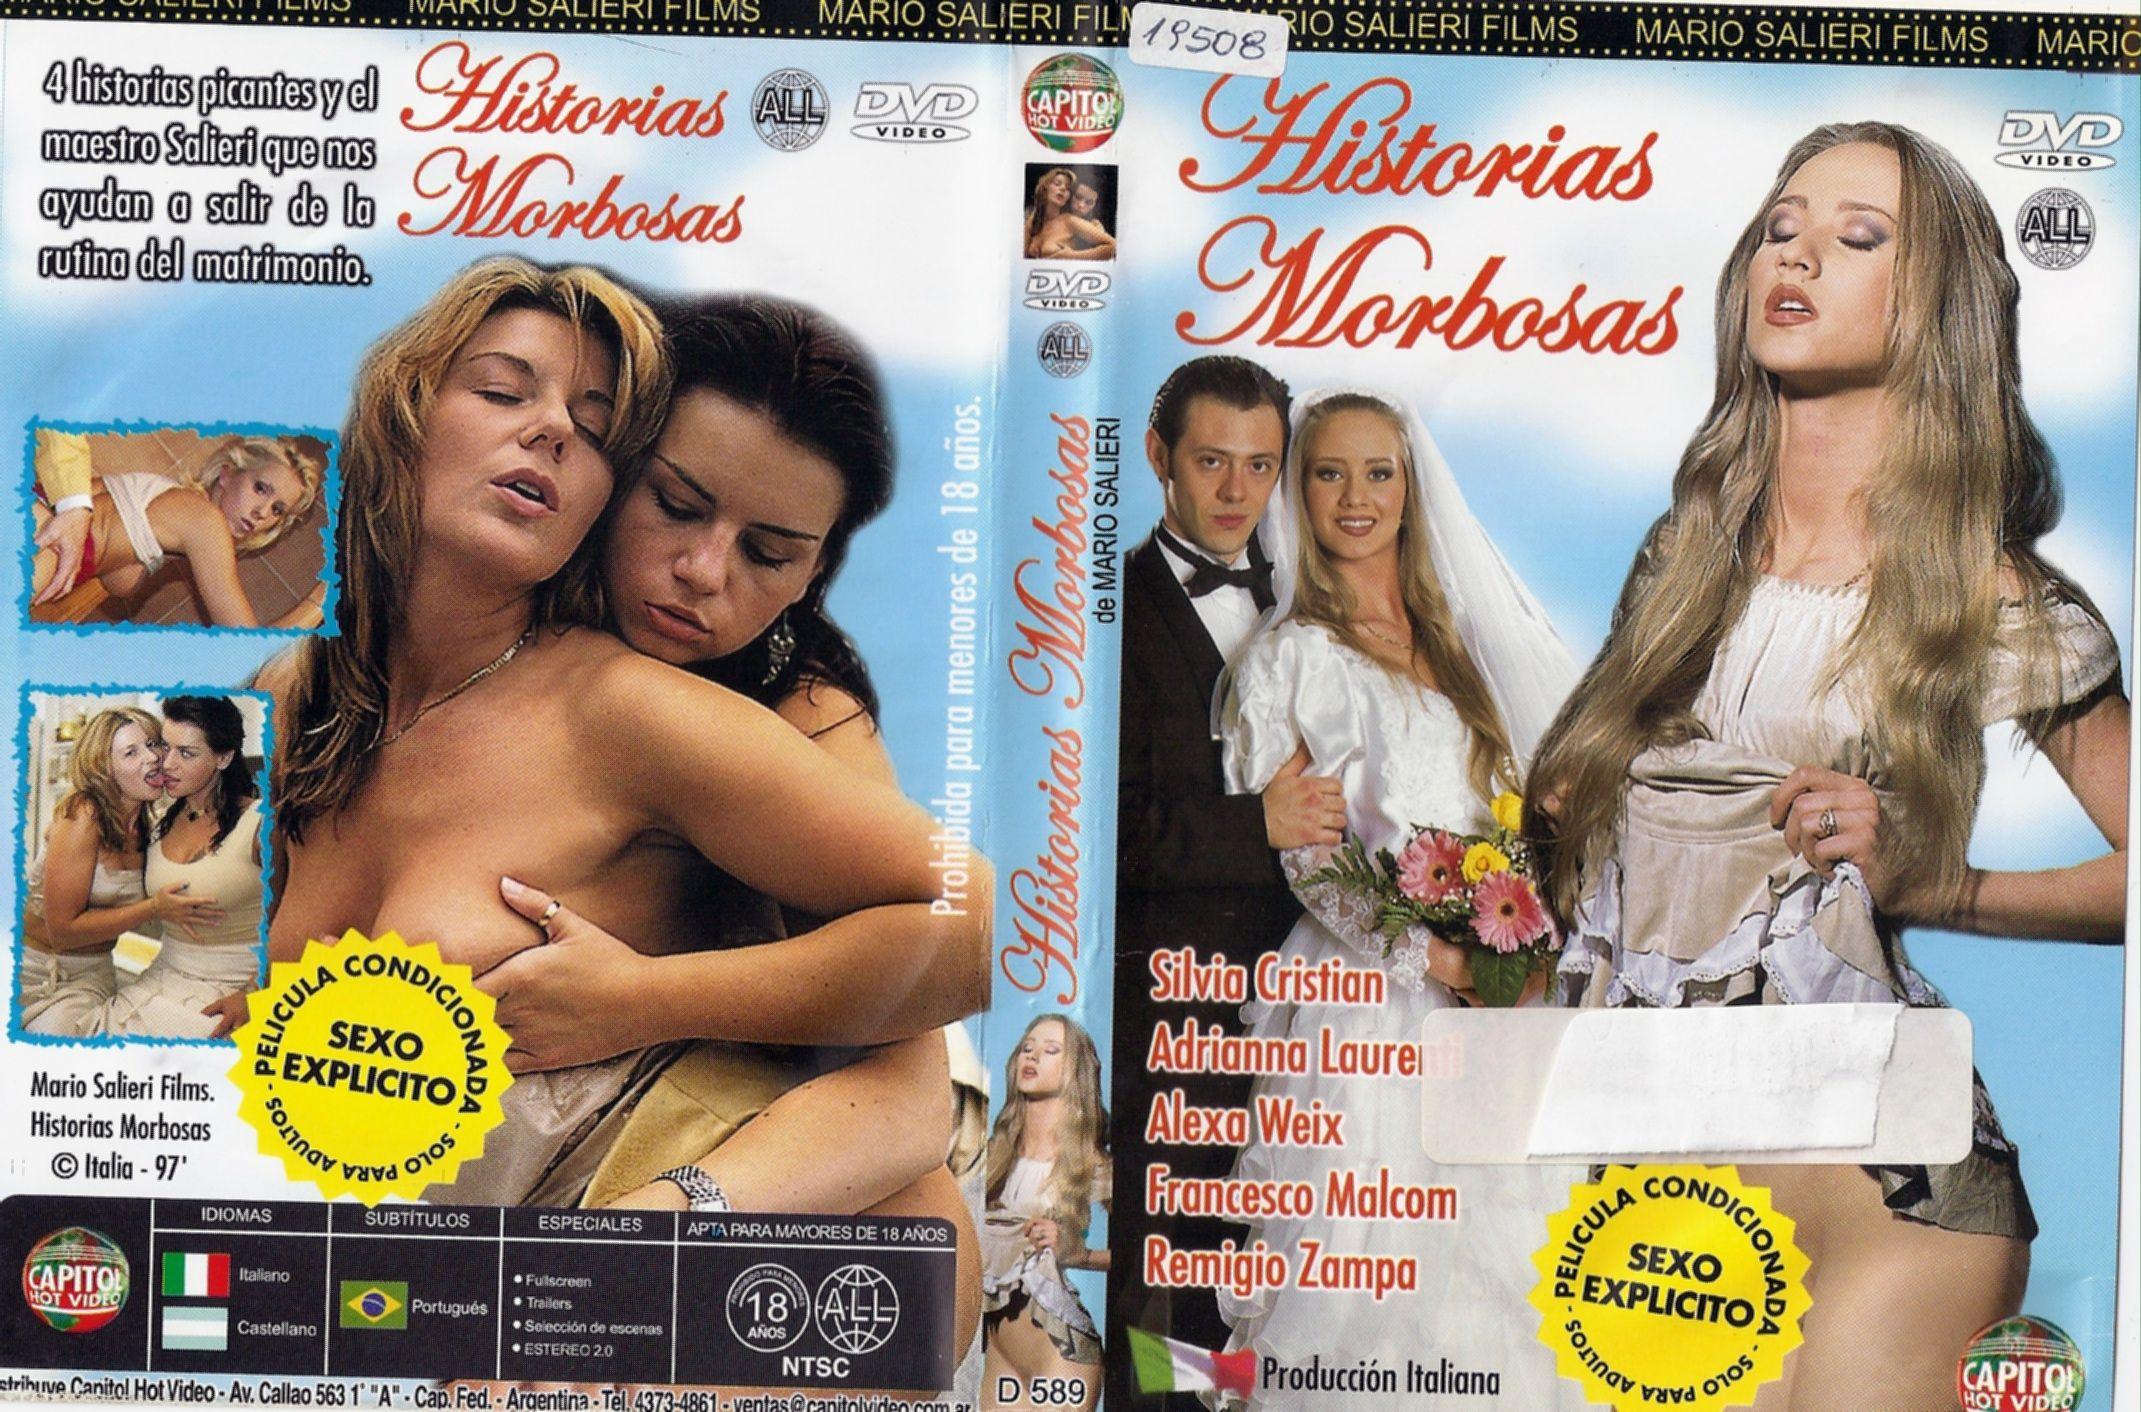 Pelicula Porno Grtis Saliari pelicula porno historias morbosas mario salieri en español